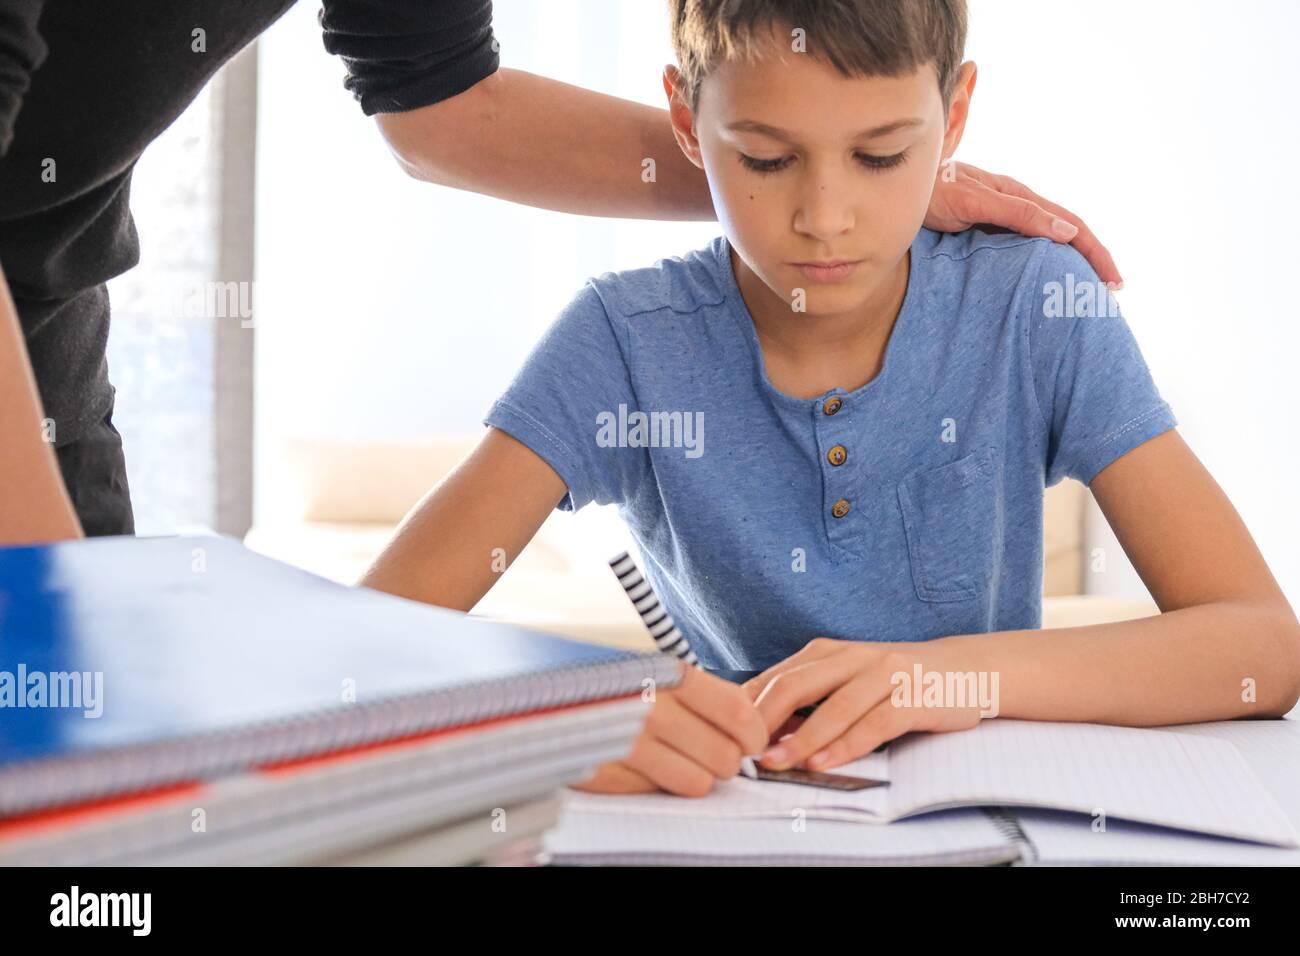 Kind sitzt am Tisch mit vielen Büchern Notizbücher und Hausaufgaben zu machen. Mutter hilft ihm. Lernschwierigkeiten, Lernen zu Hause, Bildung zu Hause Stockfoto